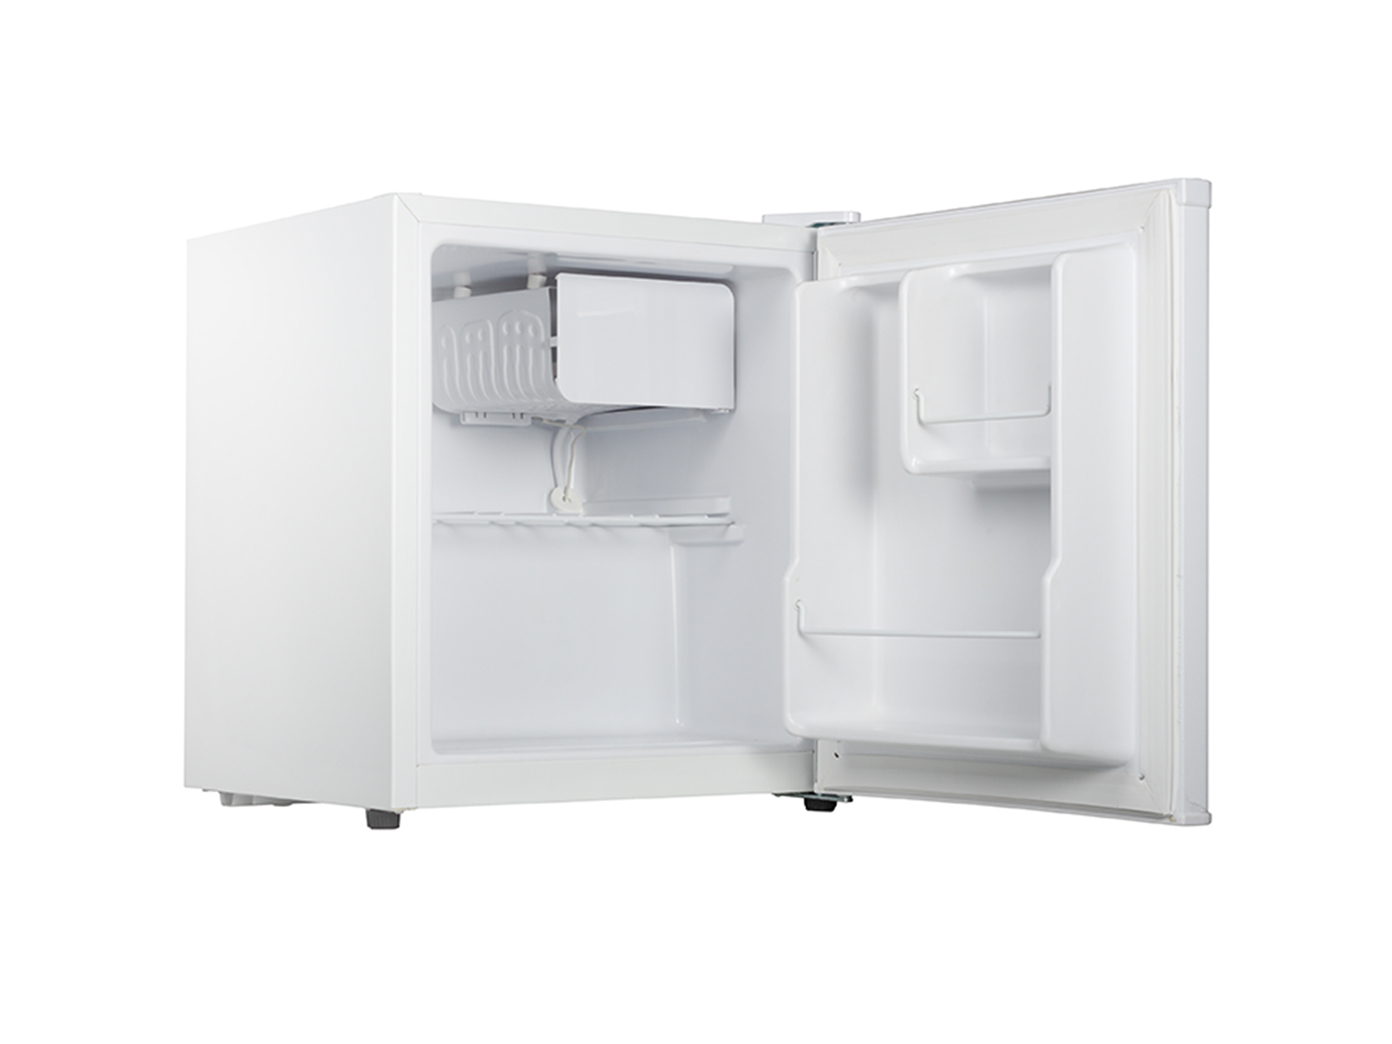 Mini Kühlschrank Offen : Kleiner mini kühlschrank freistehend 45l mit 5l gefrierfach camping